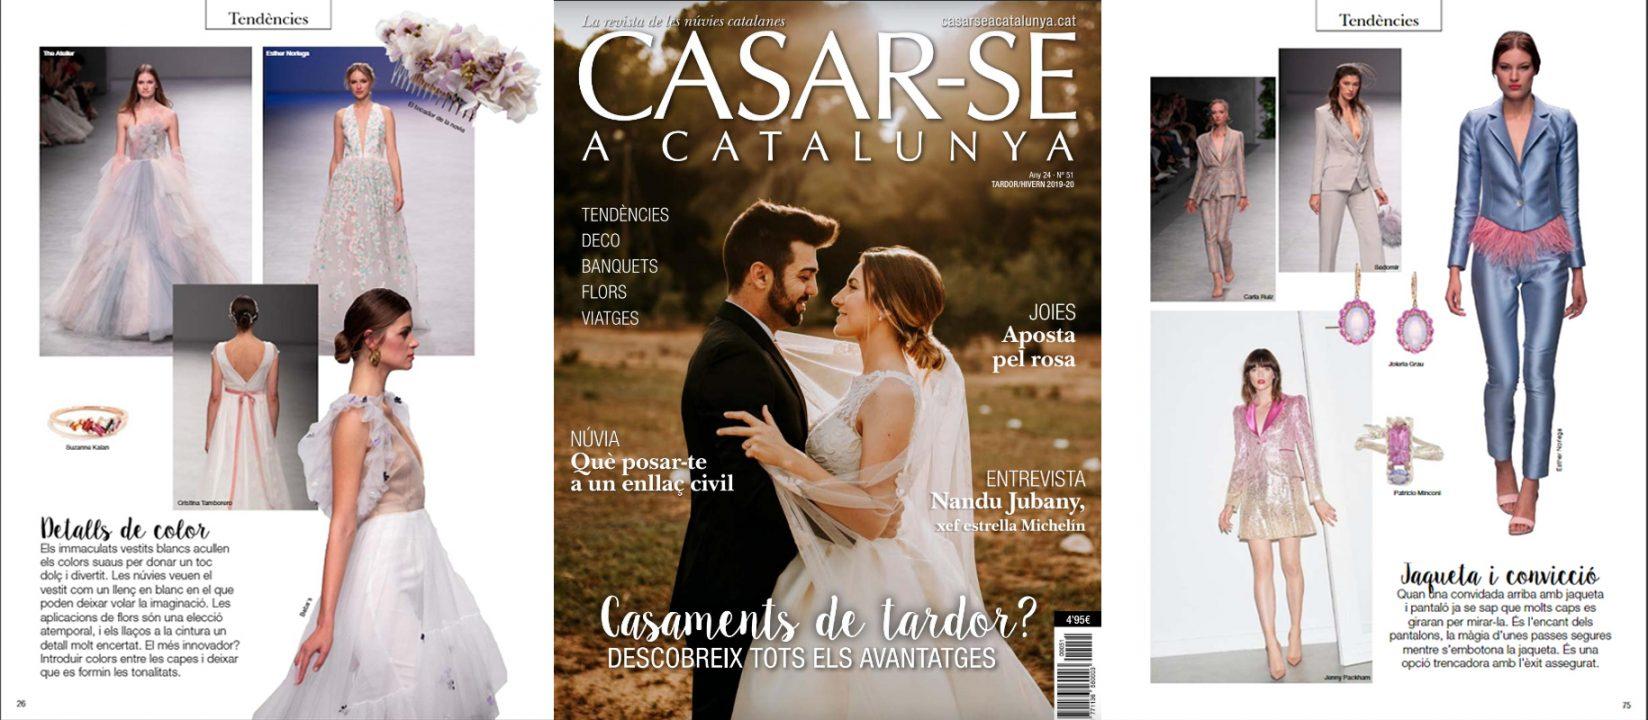 CASAR SE A CATALUNYA ESTHER NORIEGA 2019